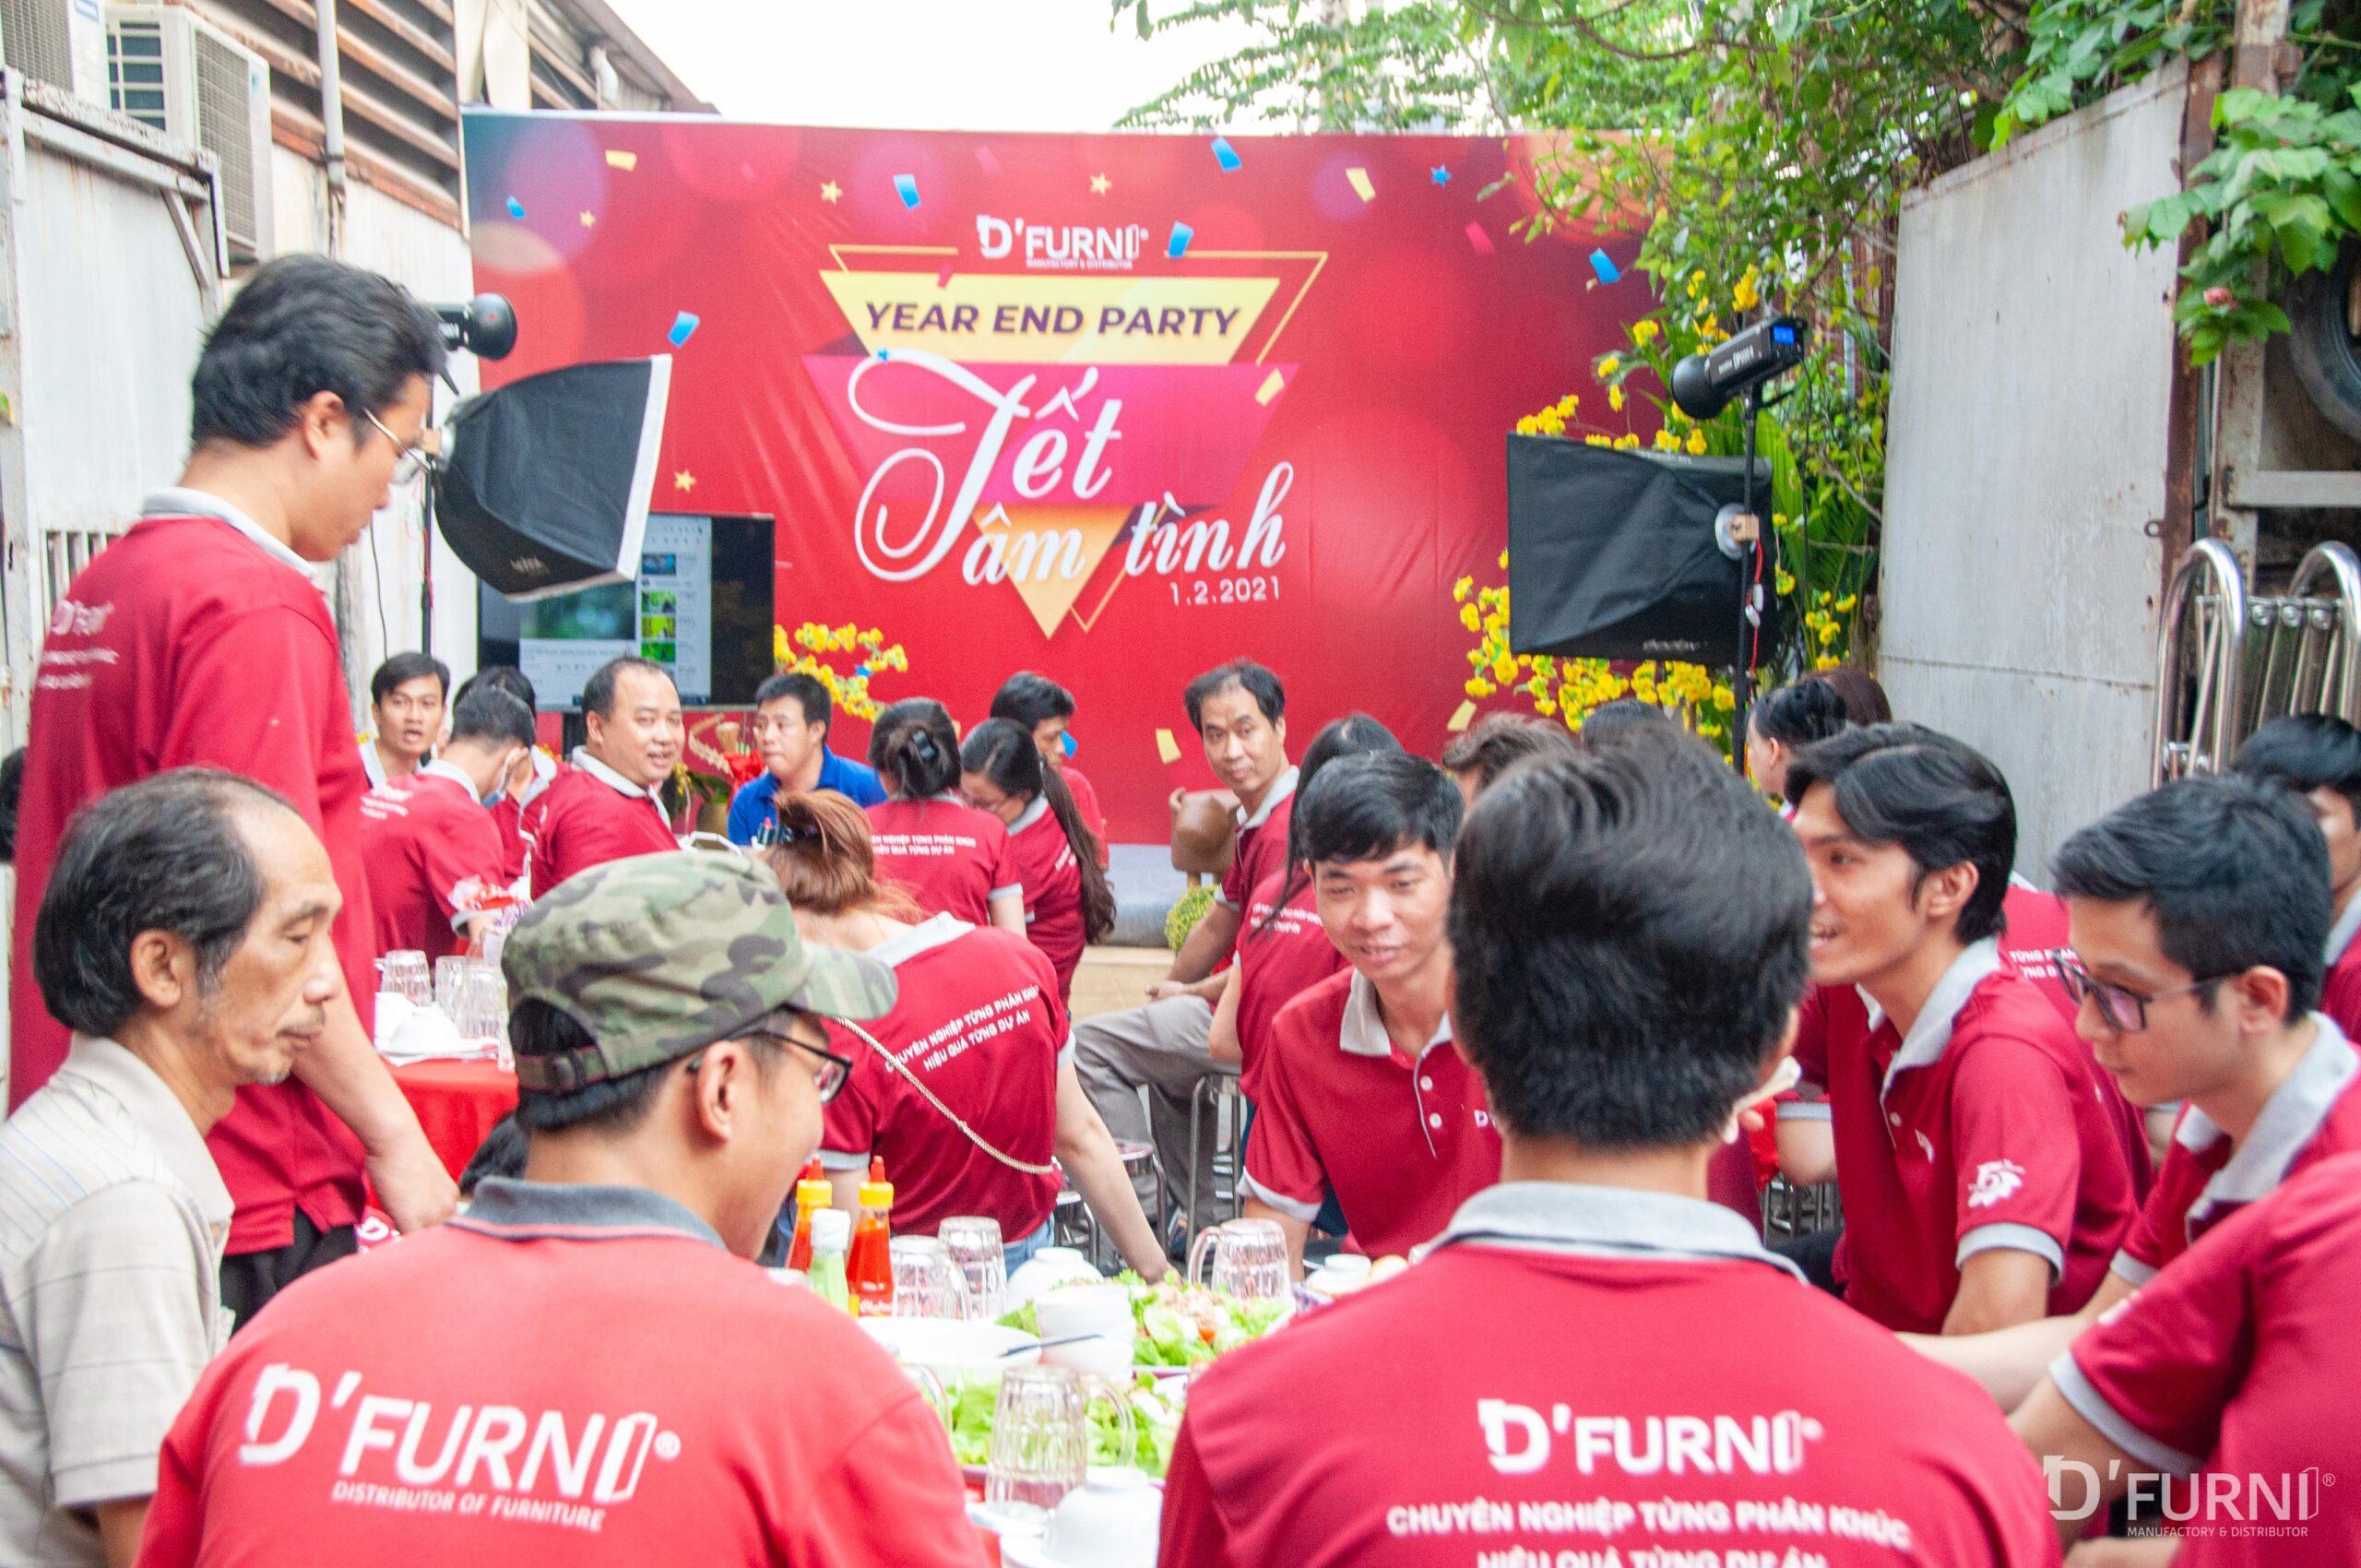 Giỗ Tổ và Year End Party DFURNI